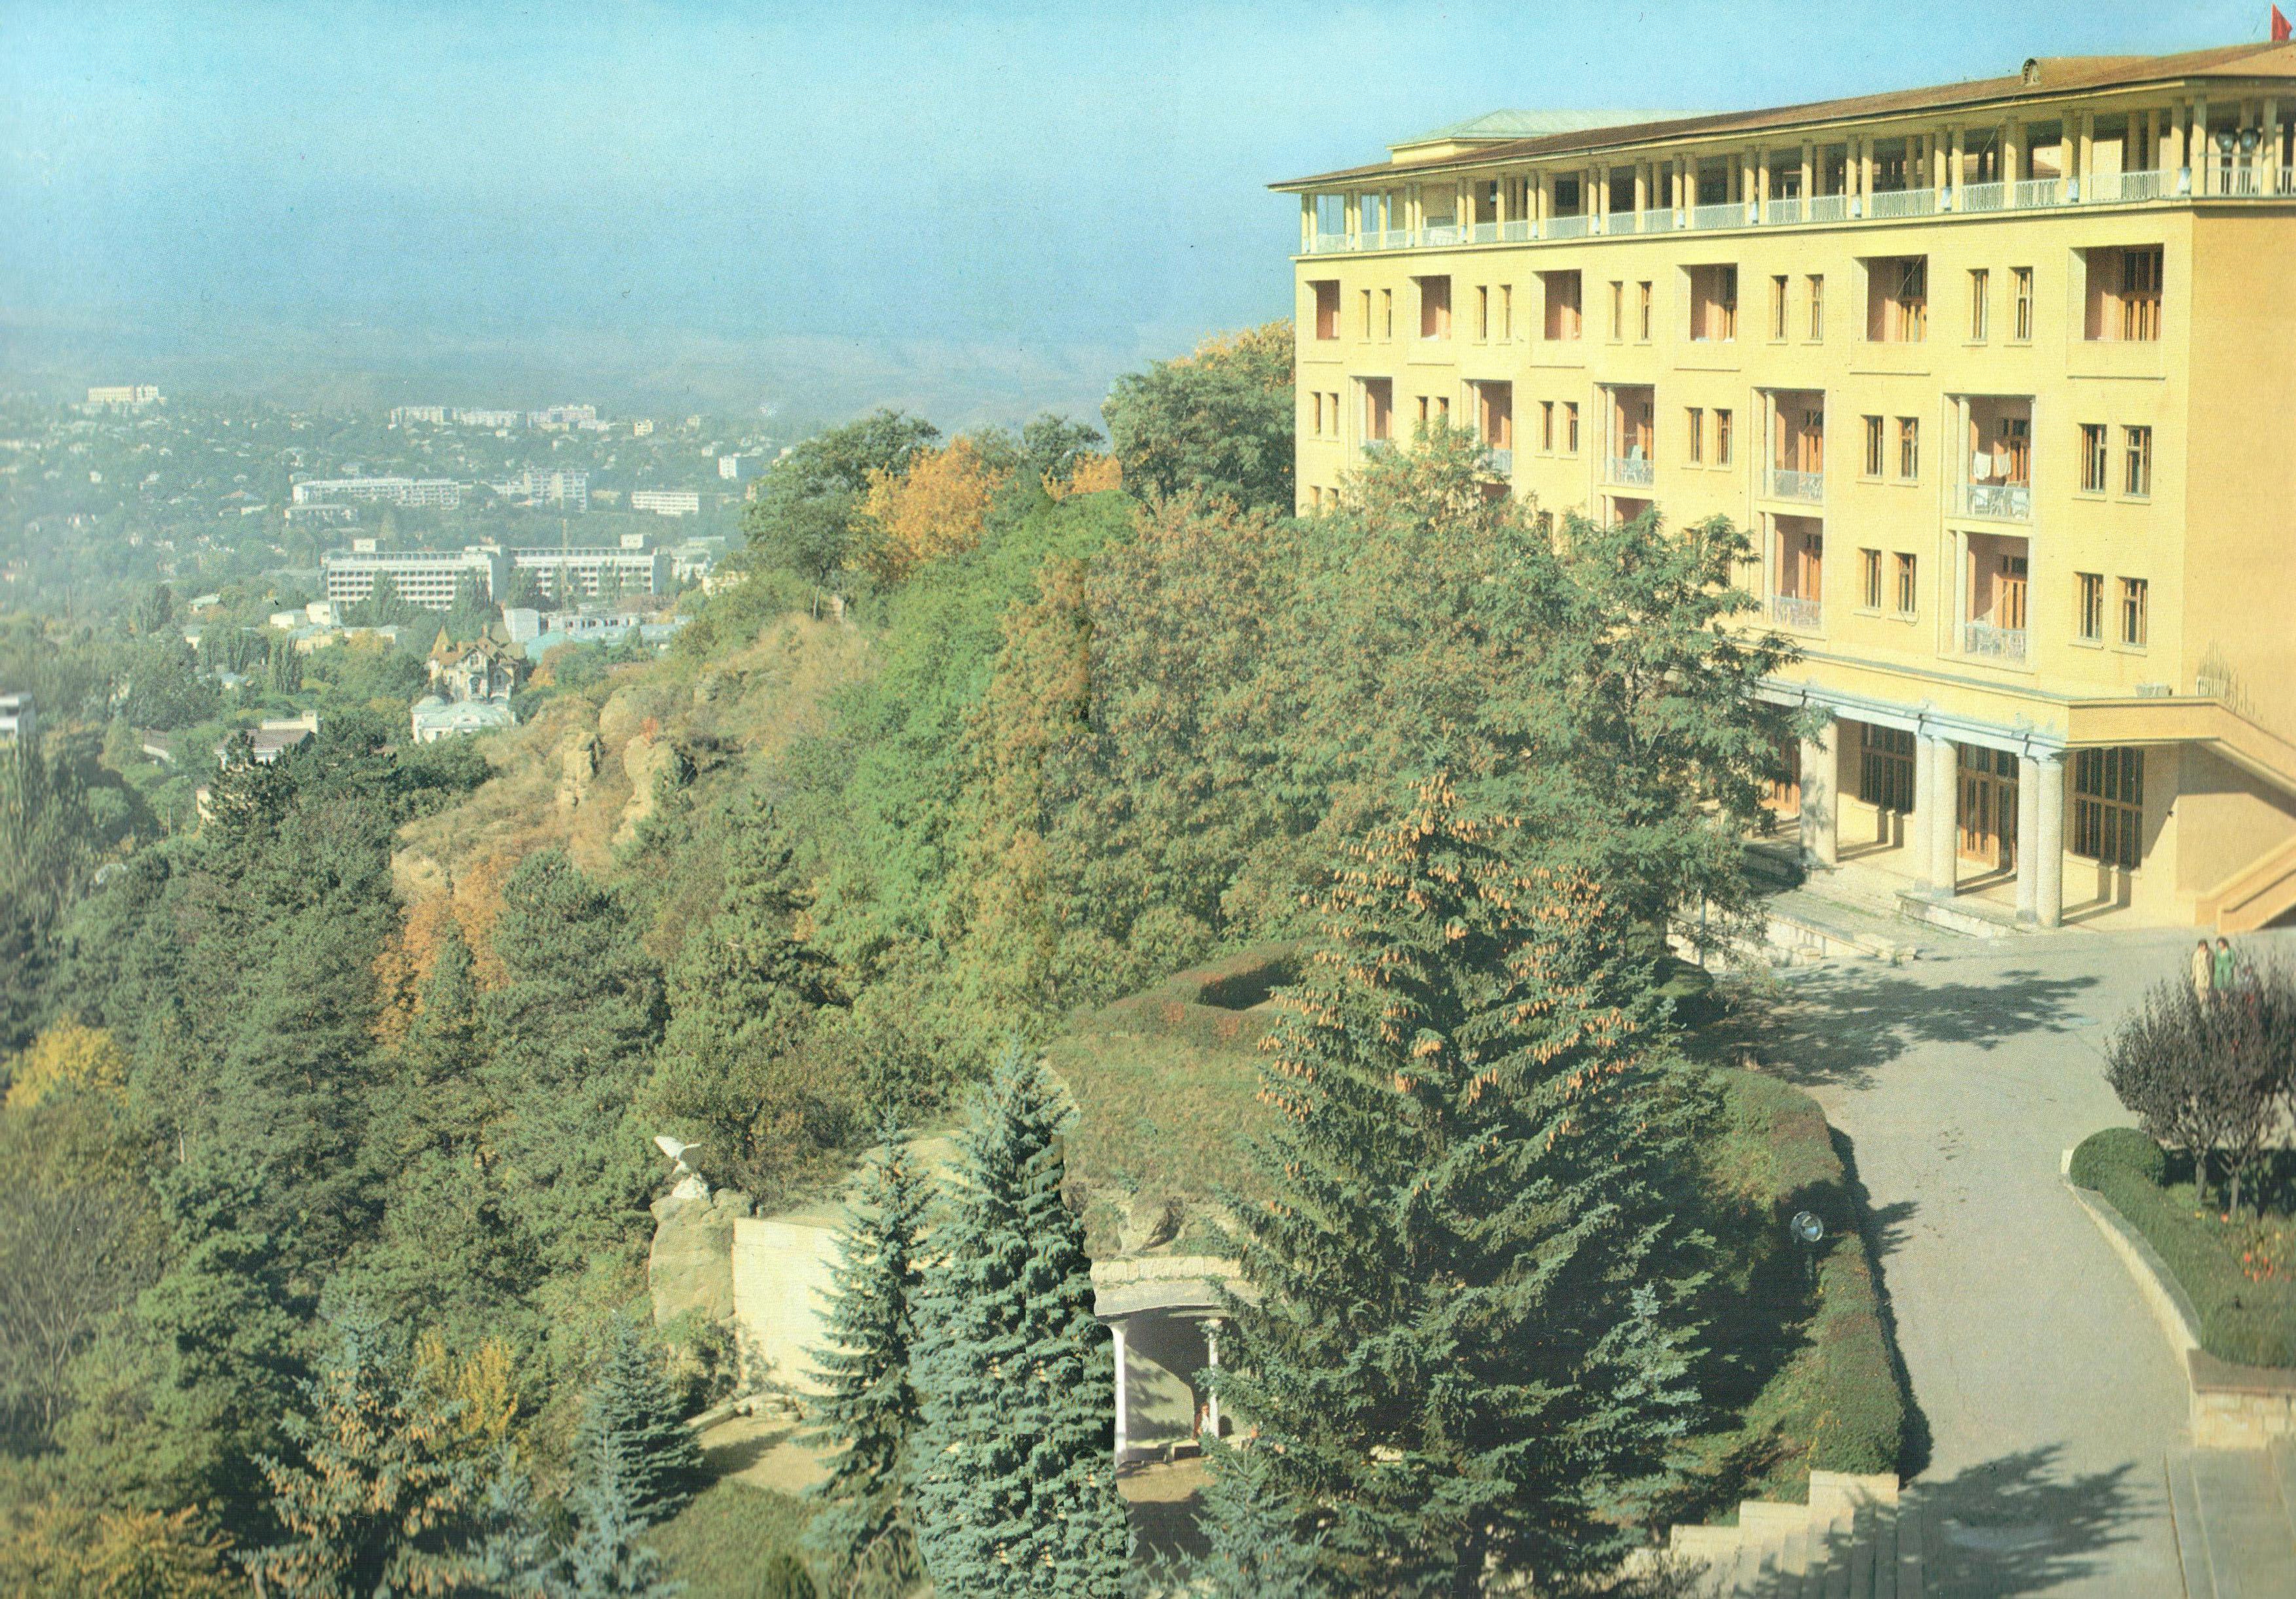 Фото санатория эльбрус в советские времена